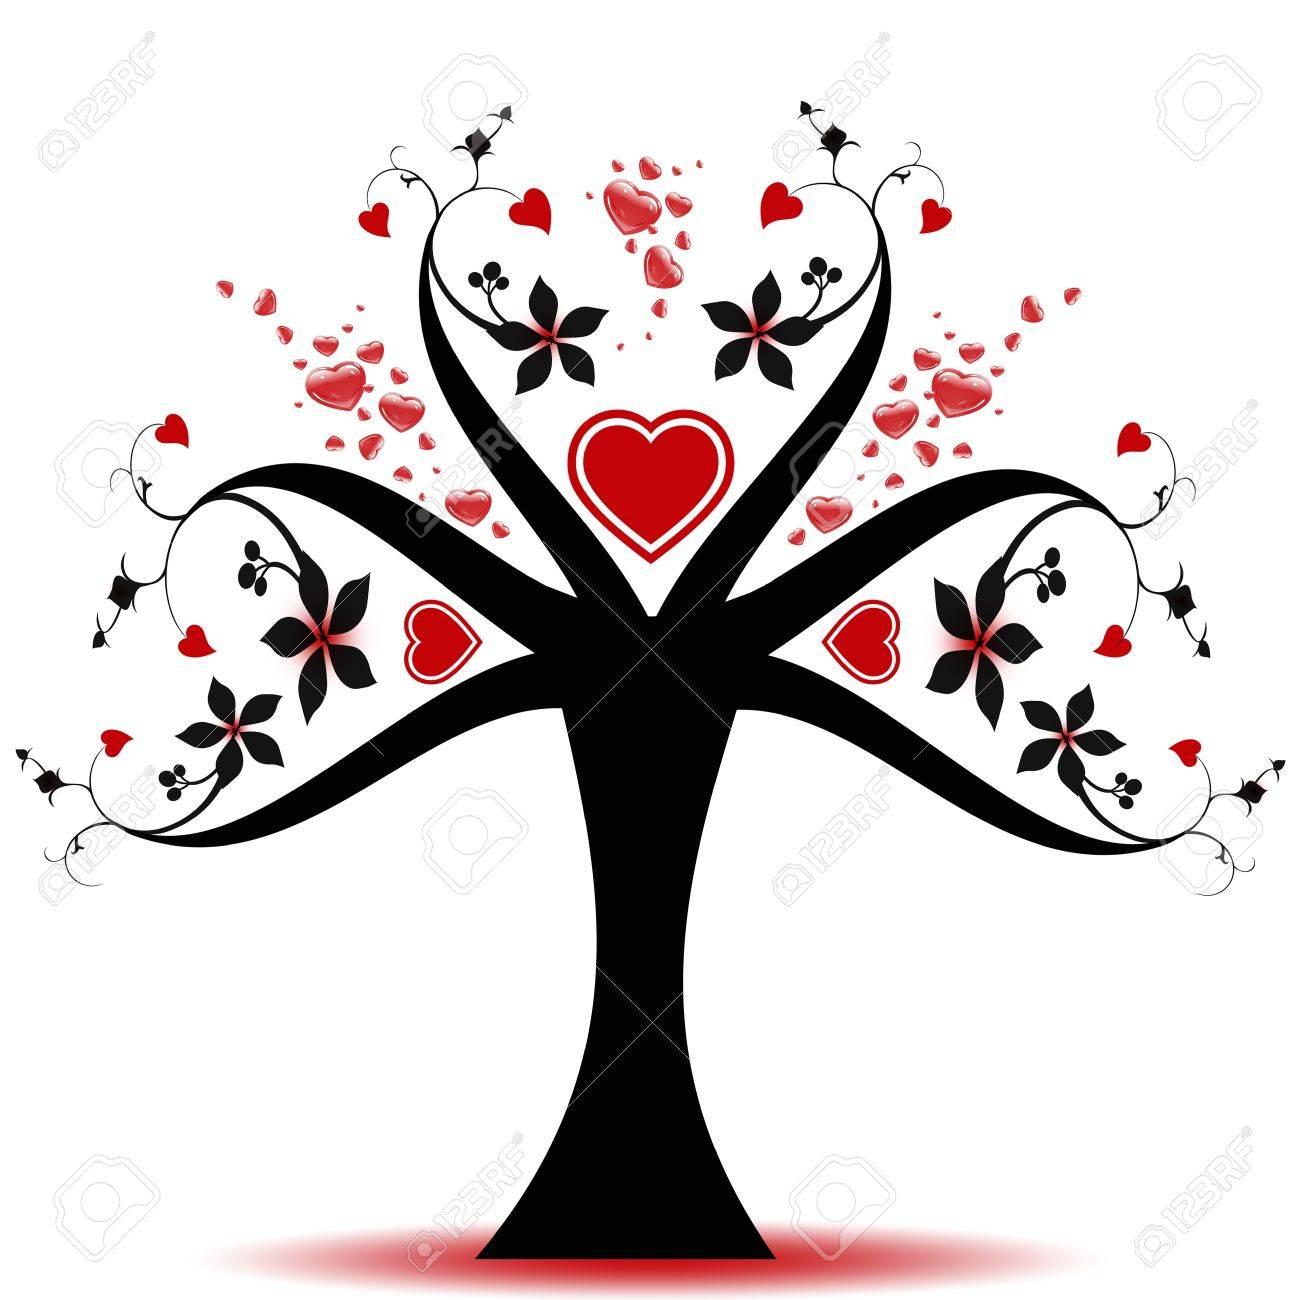 Schöne Valentin Baum Mit Herzen Muster Lizenzfrei Nutzbare ...